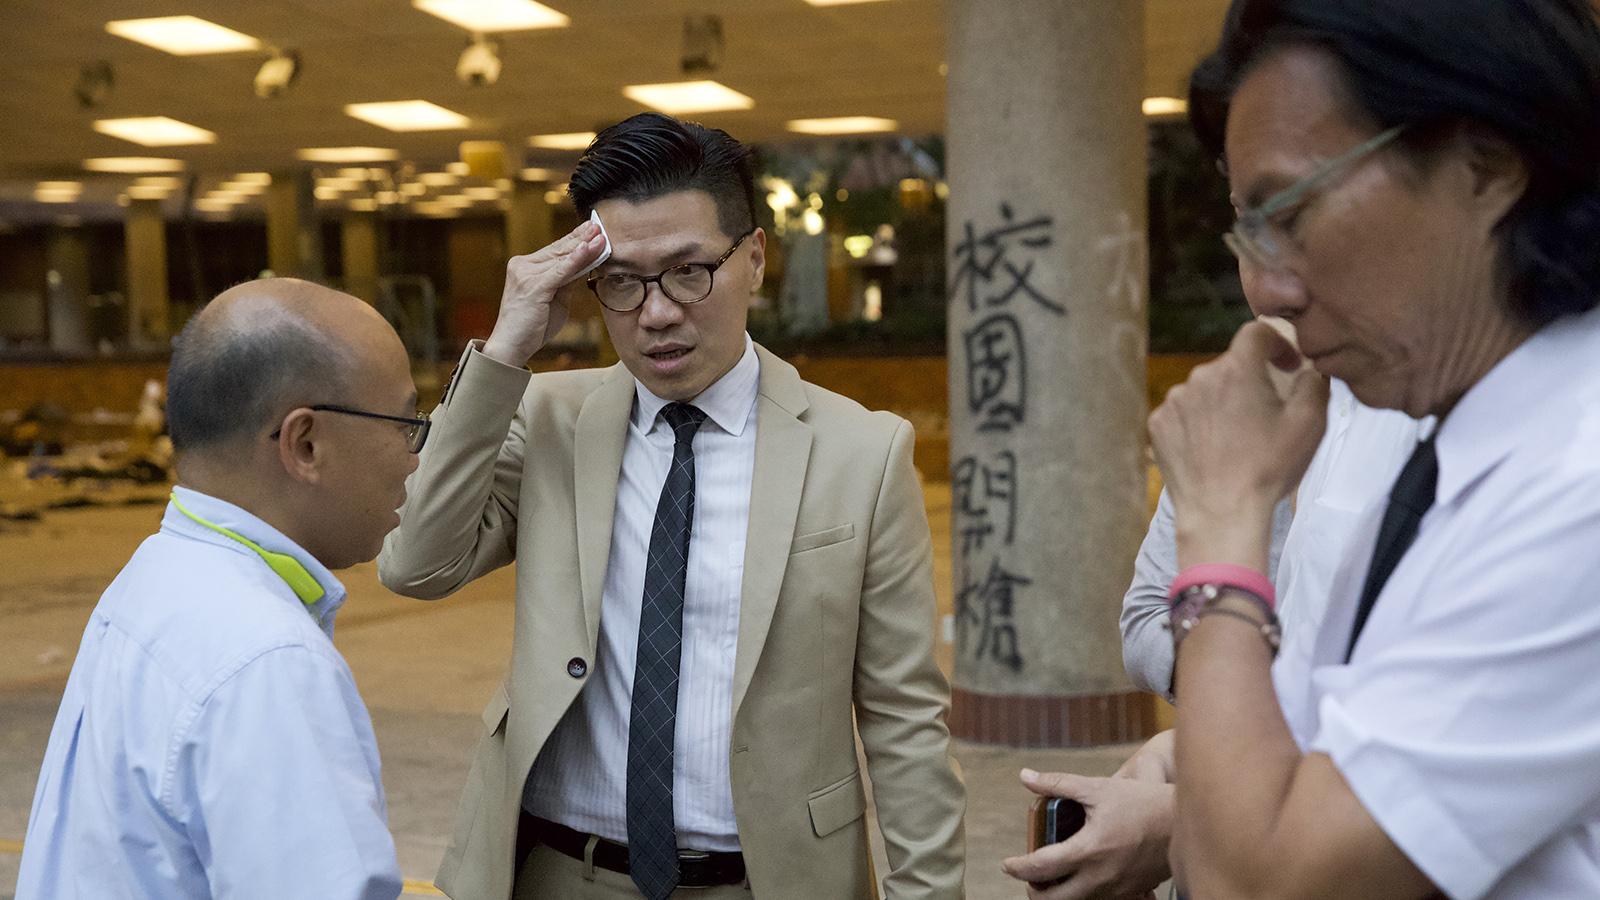 2019年11月25日,香港新当选的立法会议员黄国桐(右)和范国威(中)和香港理工大学的抗议学生见面。(美联社)